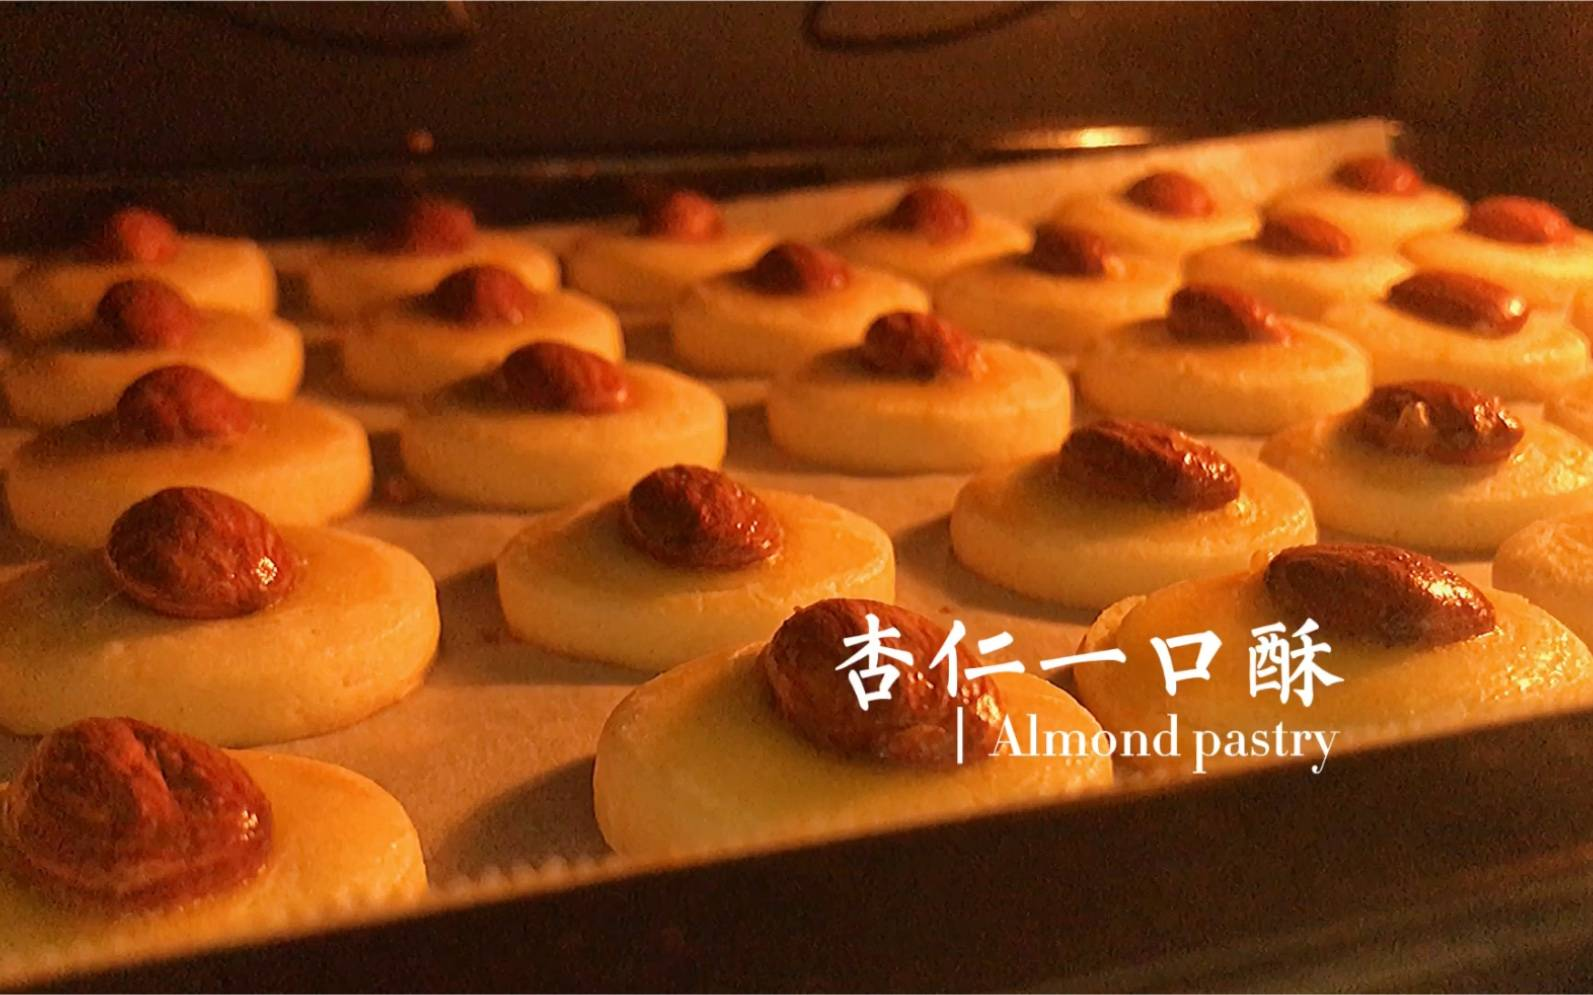 杏仁酥|做点好吃的小点心孝敬一下家人吧!